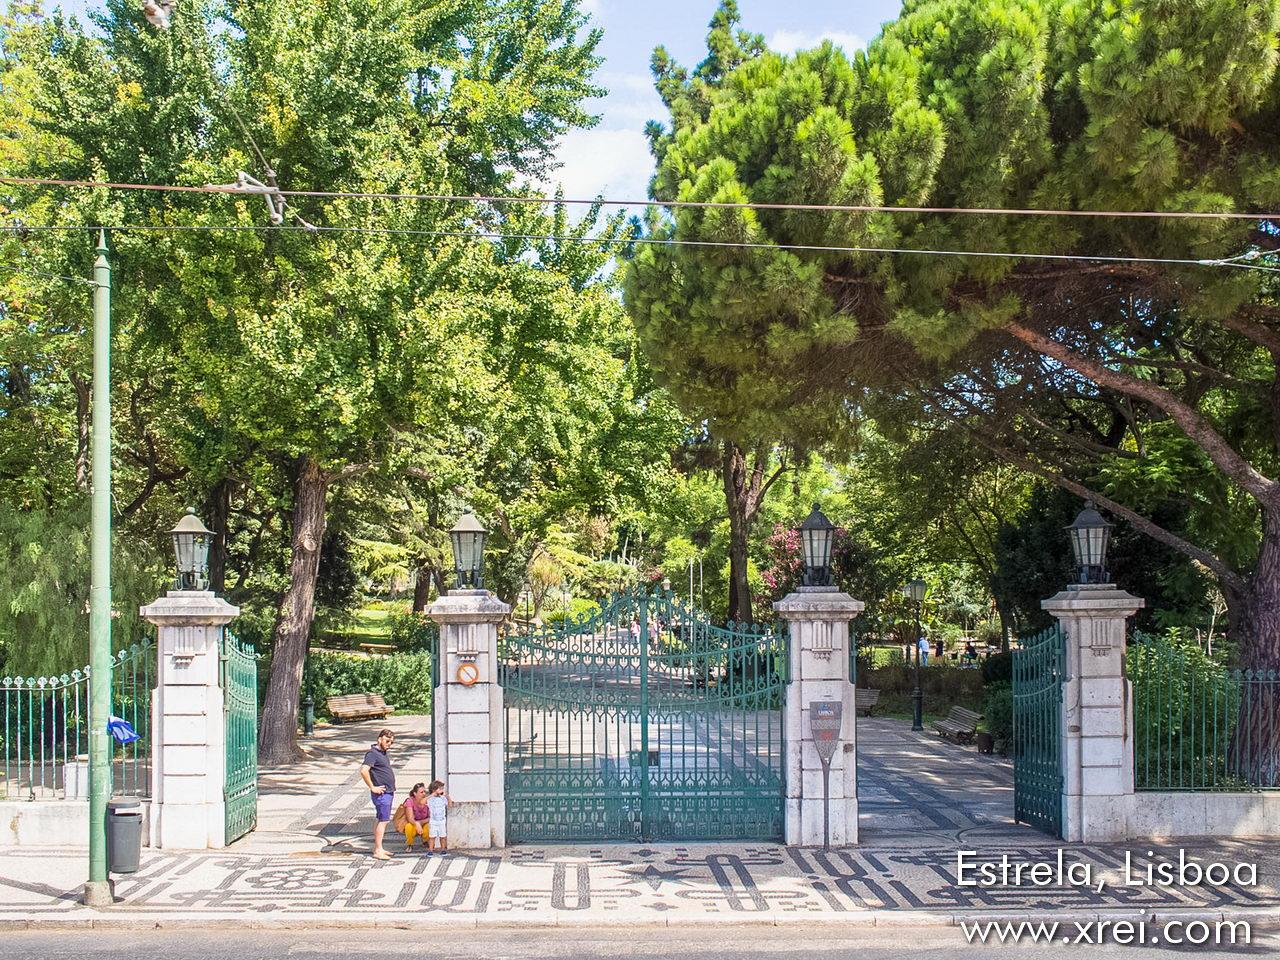 Entrance to Jardim da Estrela